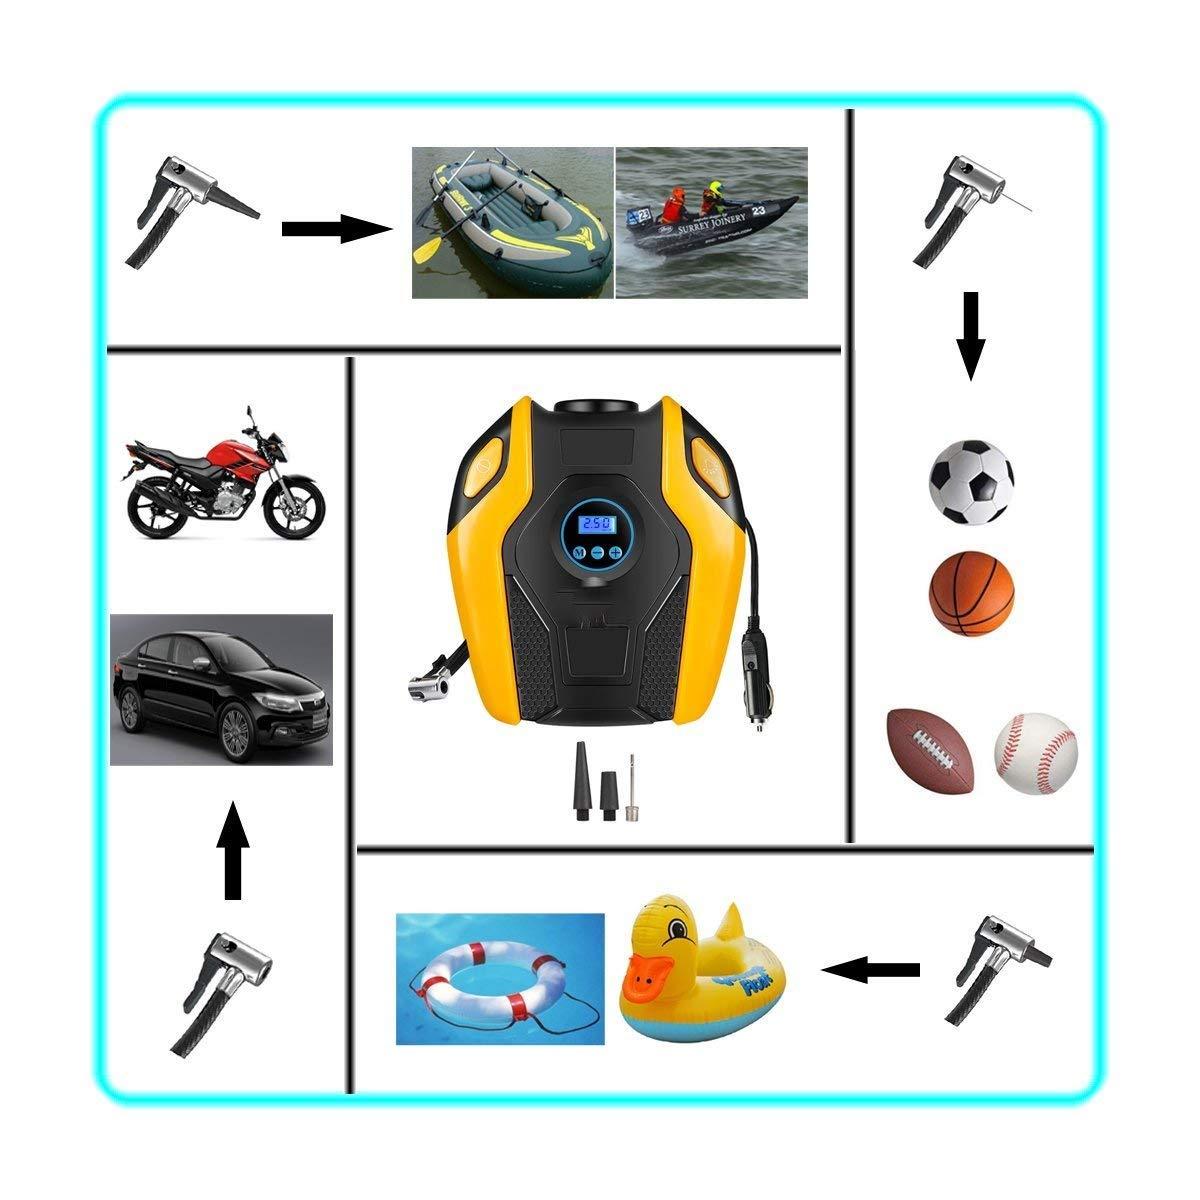 XYEU Compresor de Aire El/éctrico Port/átil Digital Inflador de Neum/áticos Autom/óvil 12V 25L//Min 120W con Pantalla LCD y luz LED 150 PSI Apto para Hinchar Neum/áticos de Moto Coche y Bicicleta